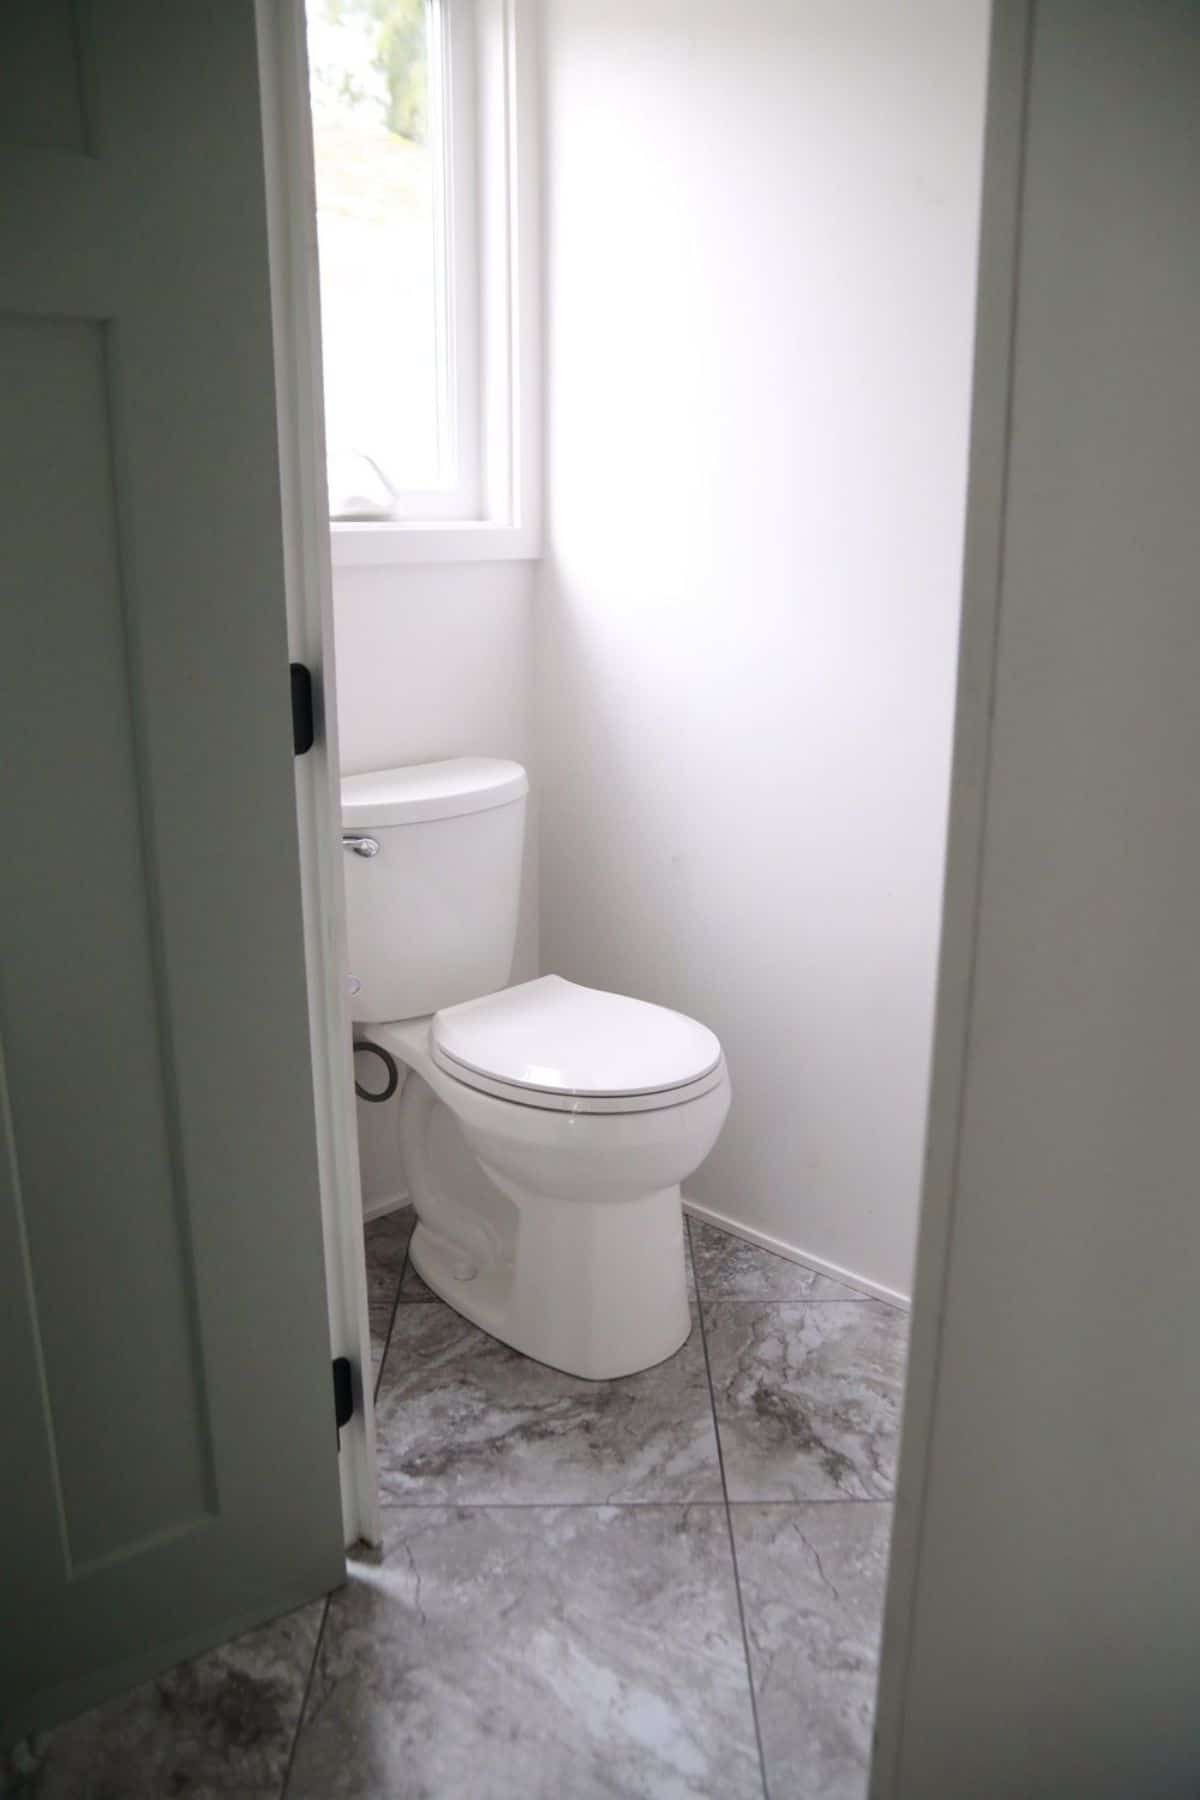 White flush toilet in white bathroom with marbled tile floor